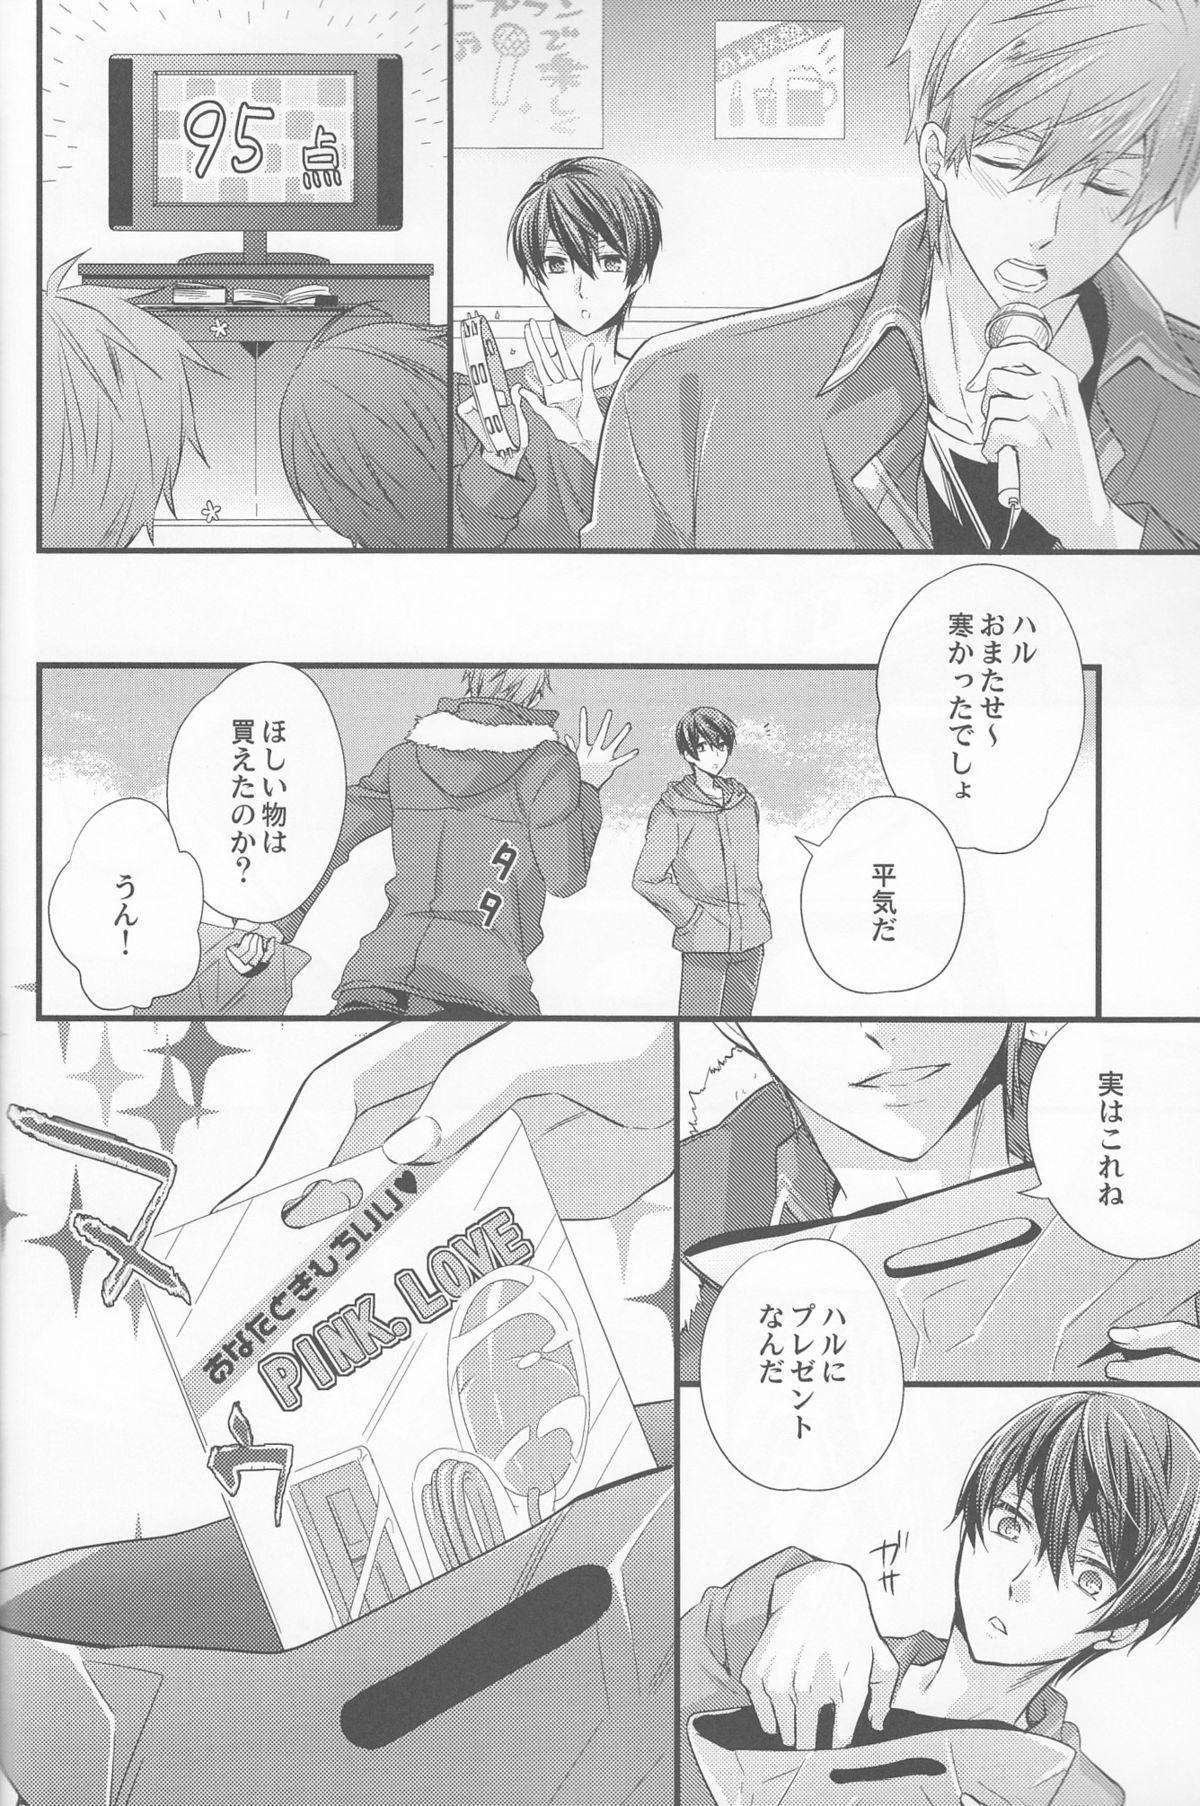 M na Koibito o Yorokobaseru Houhou 9